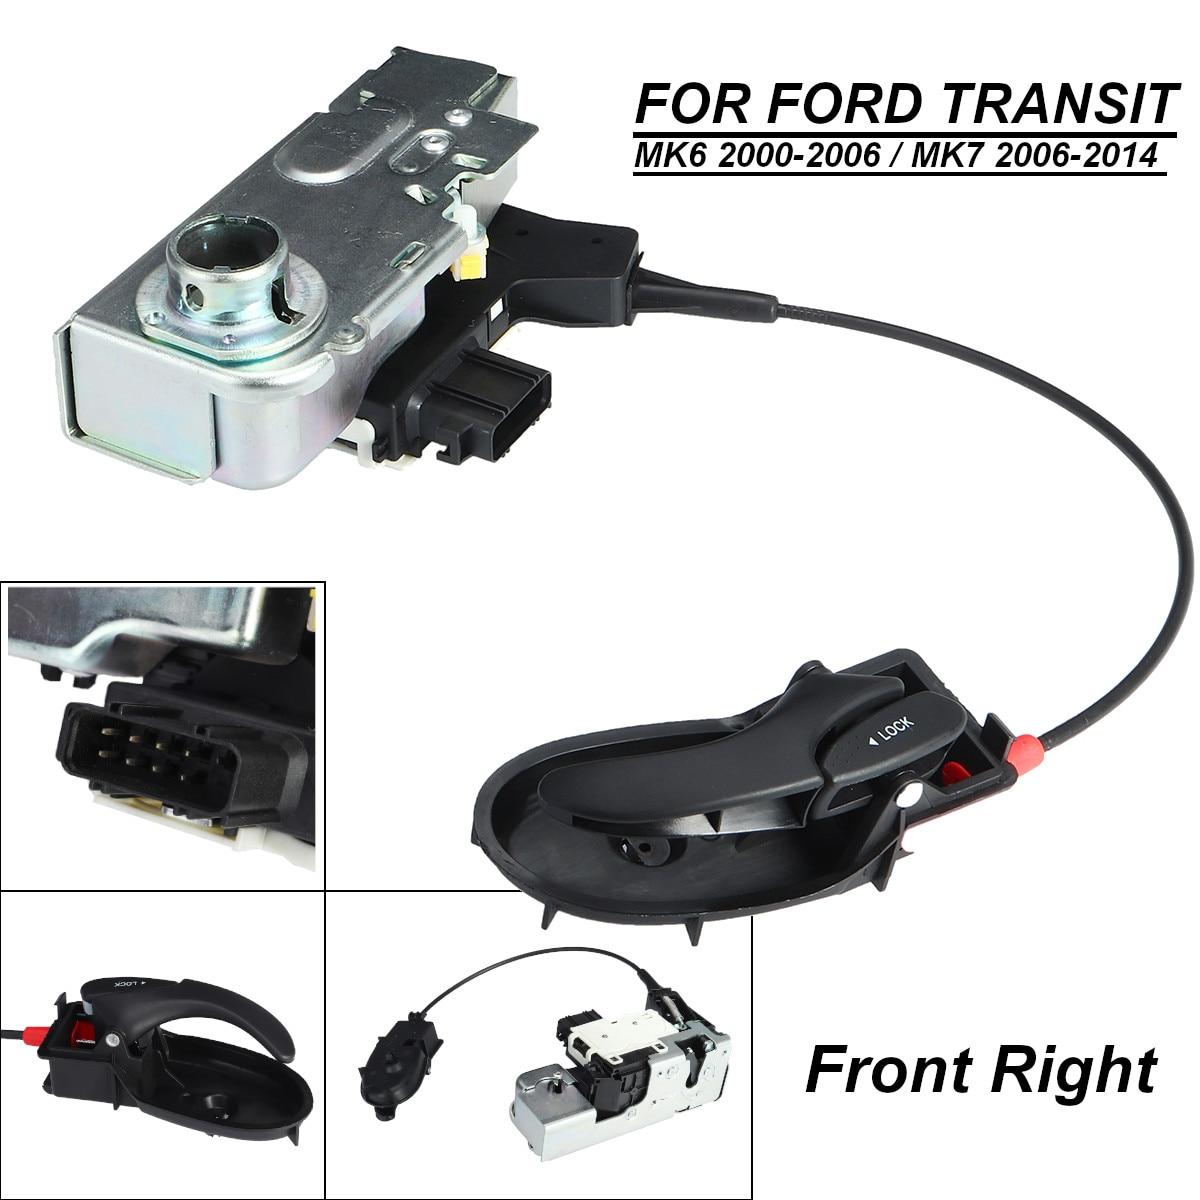 Serrure de porte avant droite côté conducteur/côté arrêt pour FORD TRANSIT MK6 MK7 2000-2014